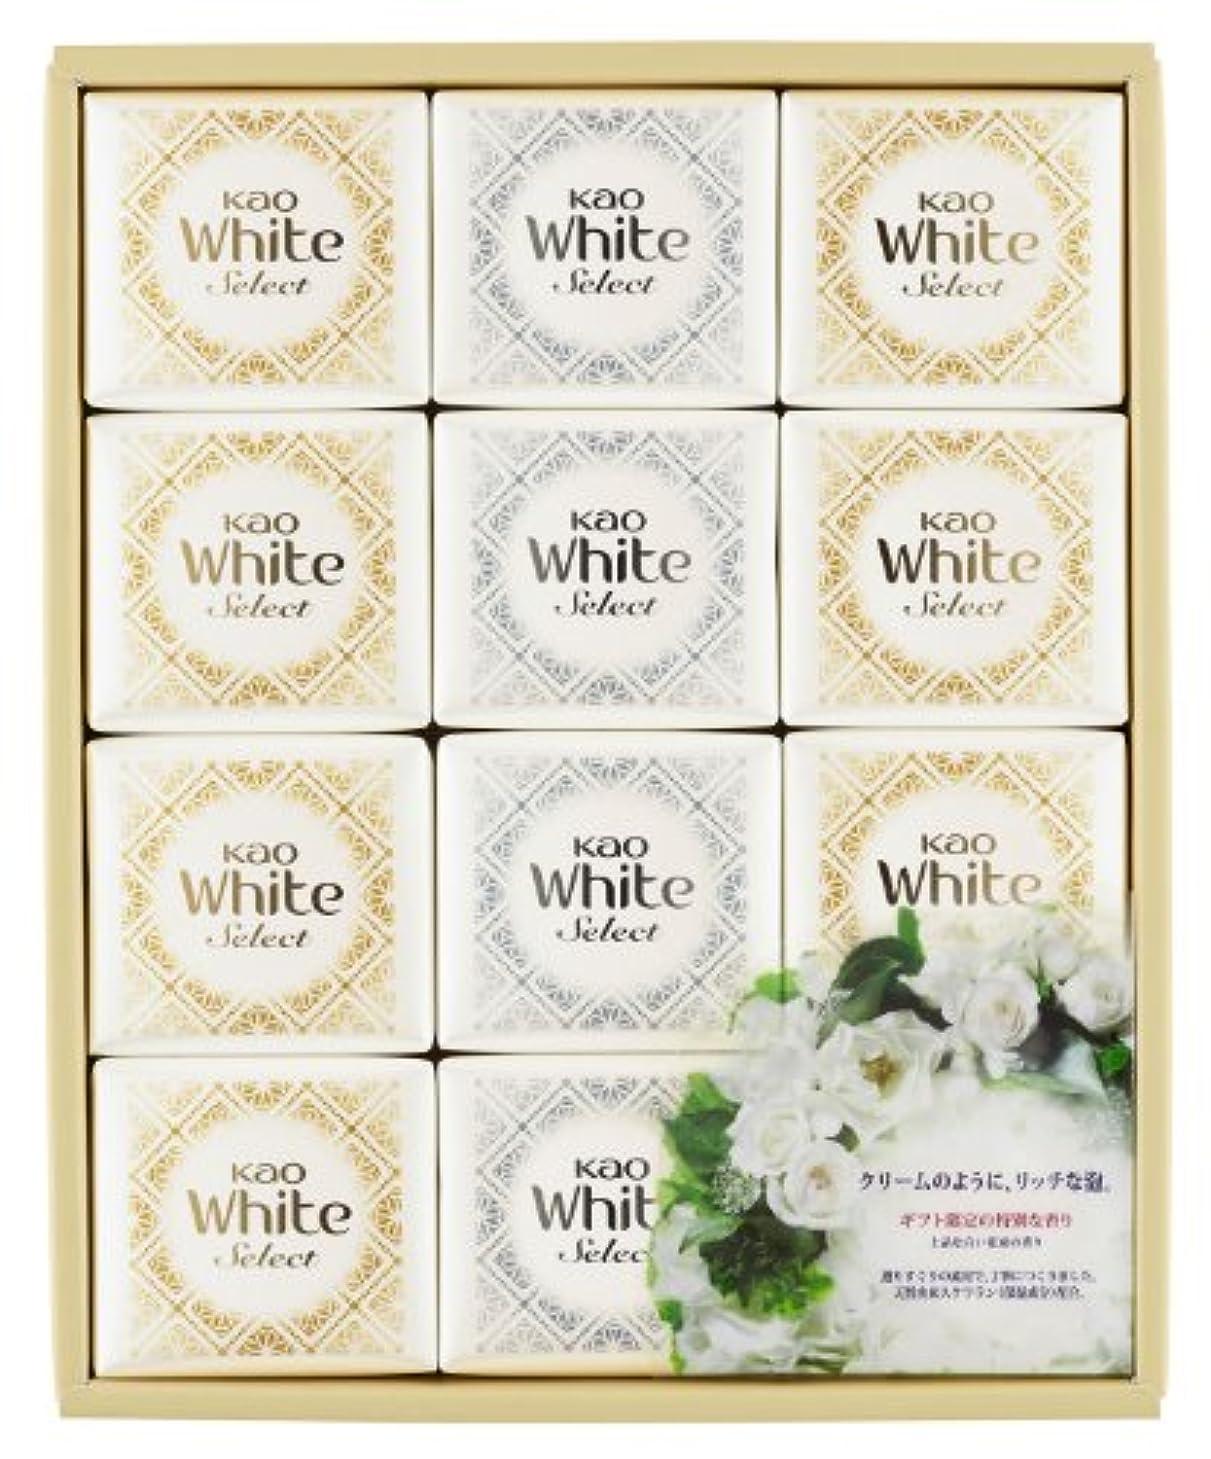 市の花省略する多様な花王ホワイト セレクト 上品な白い花束の香り 85g 12コ K?WS-20